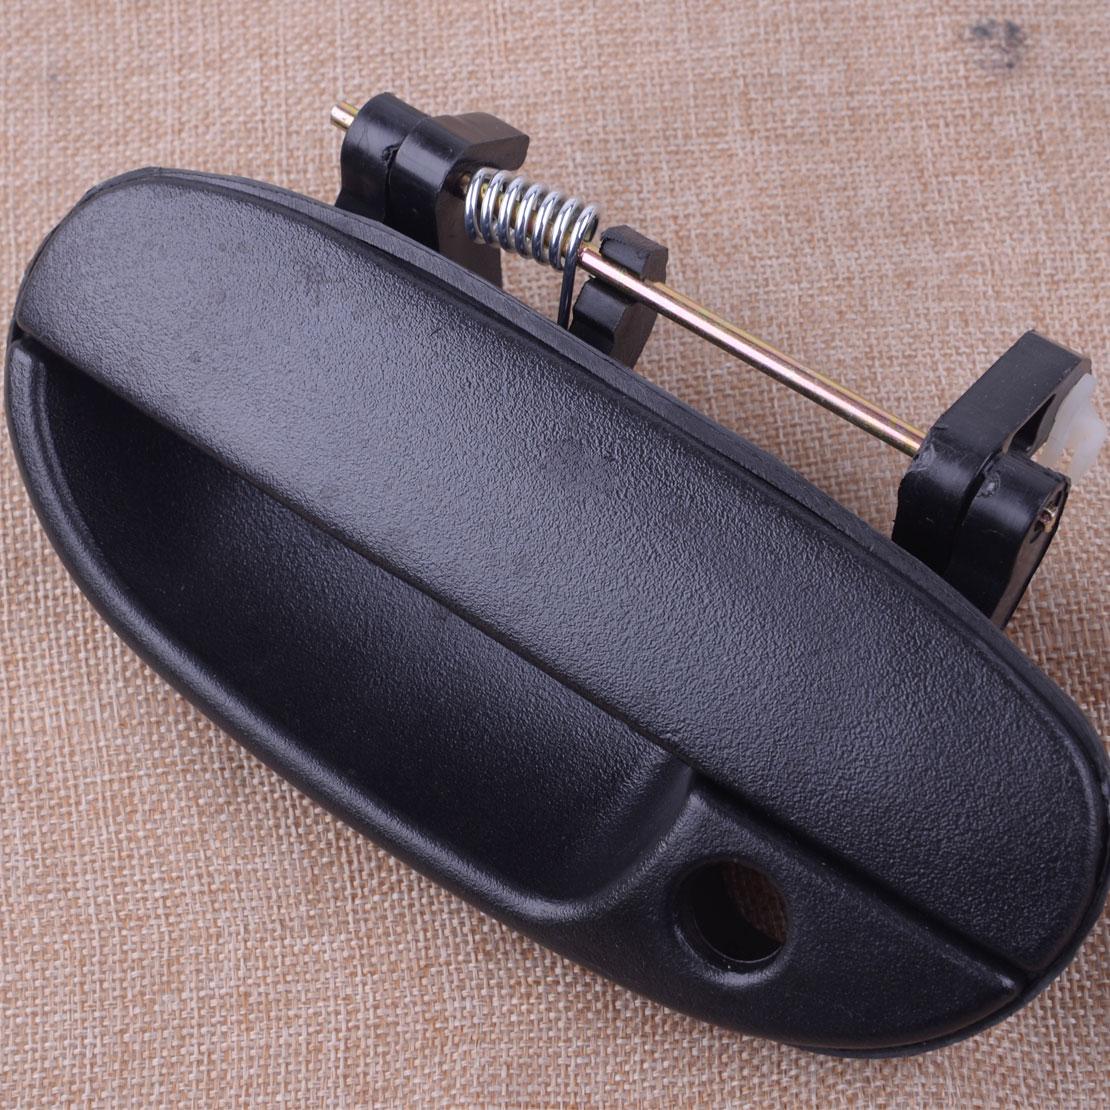 For Daewoo Lanos 98-02 Black 96226249 Left Front Door